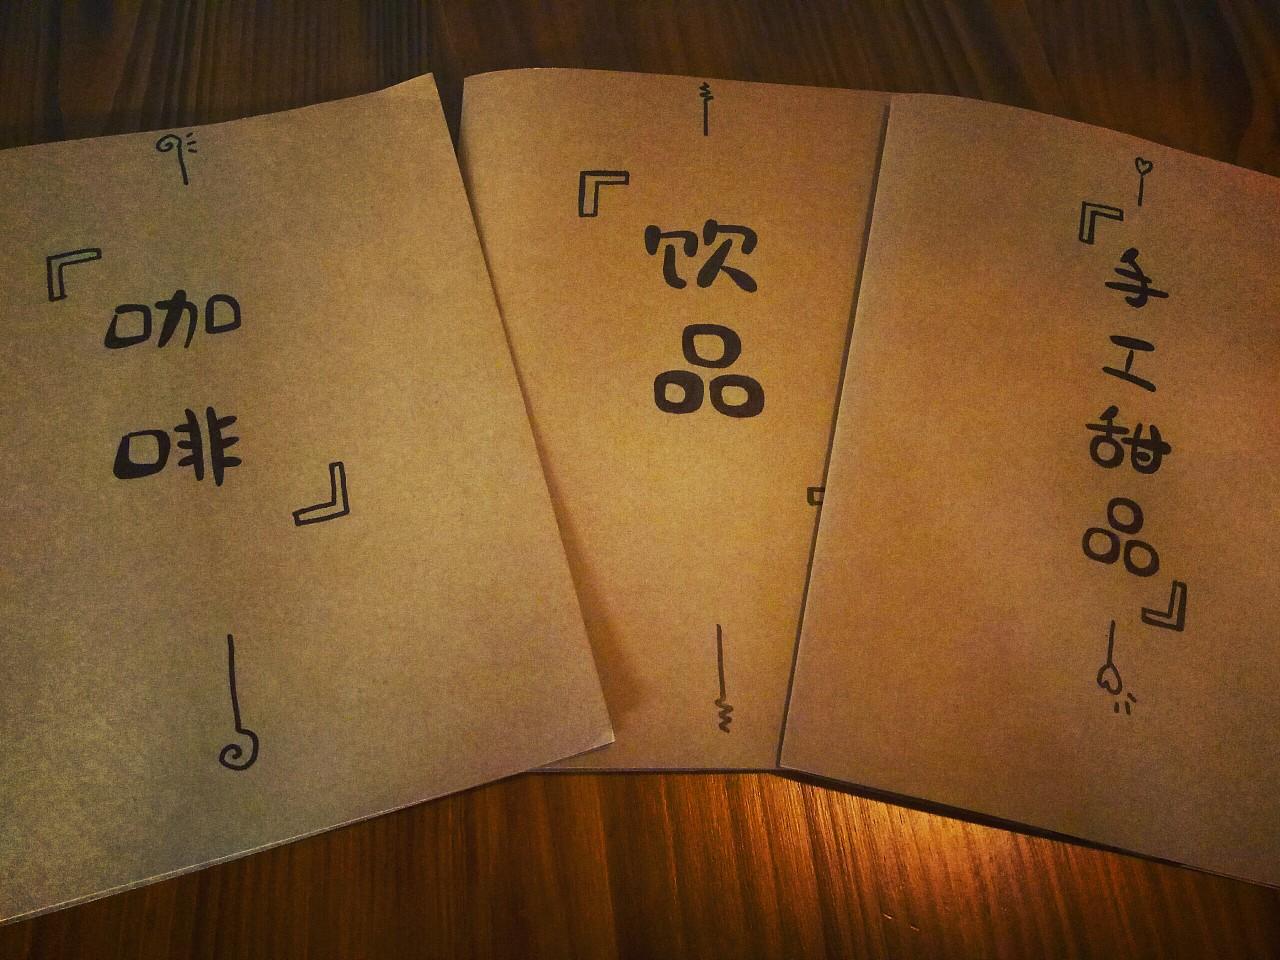 『手绘pop』原创手绘咖啡店菜单门牌黑板画